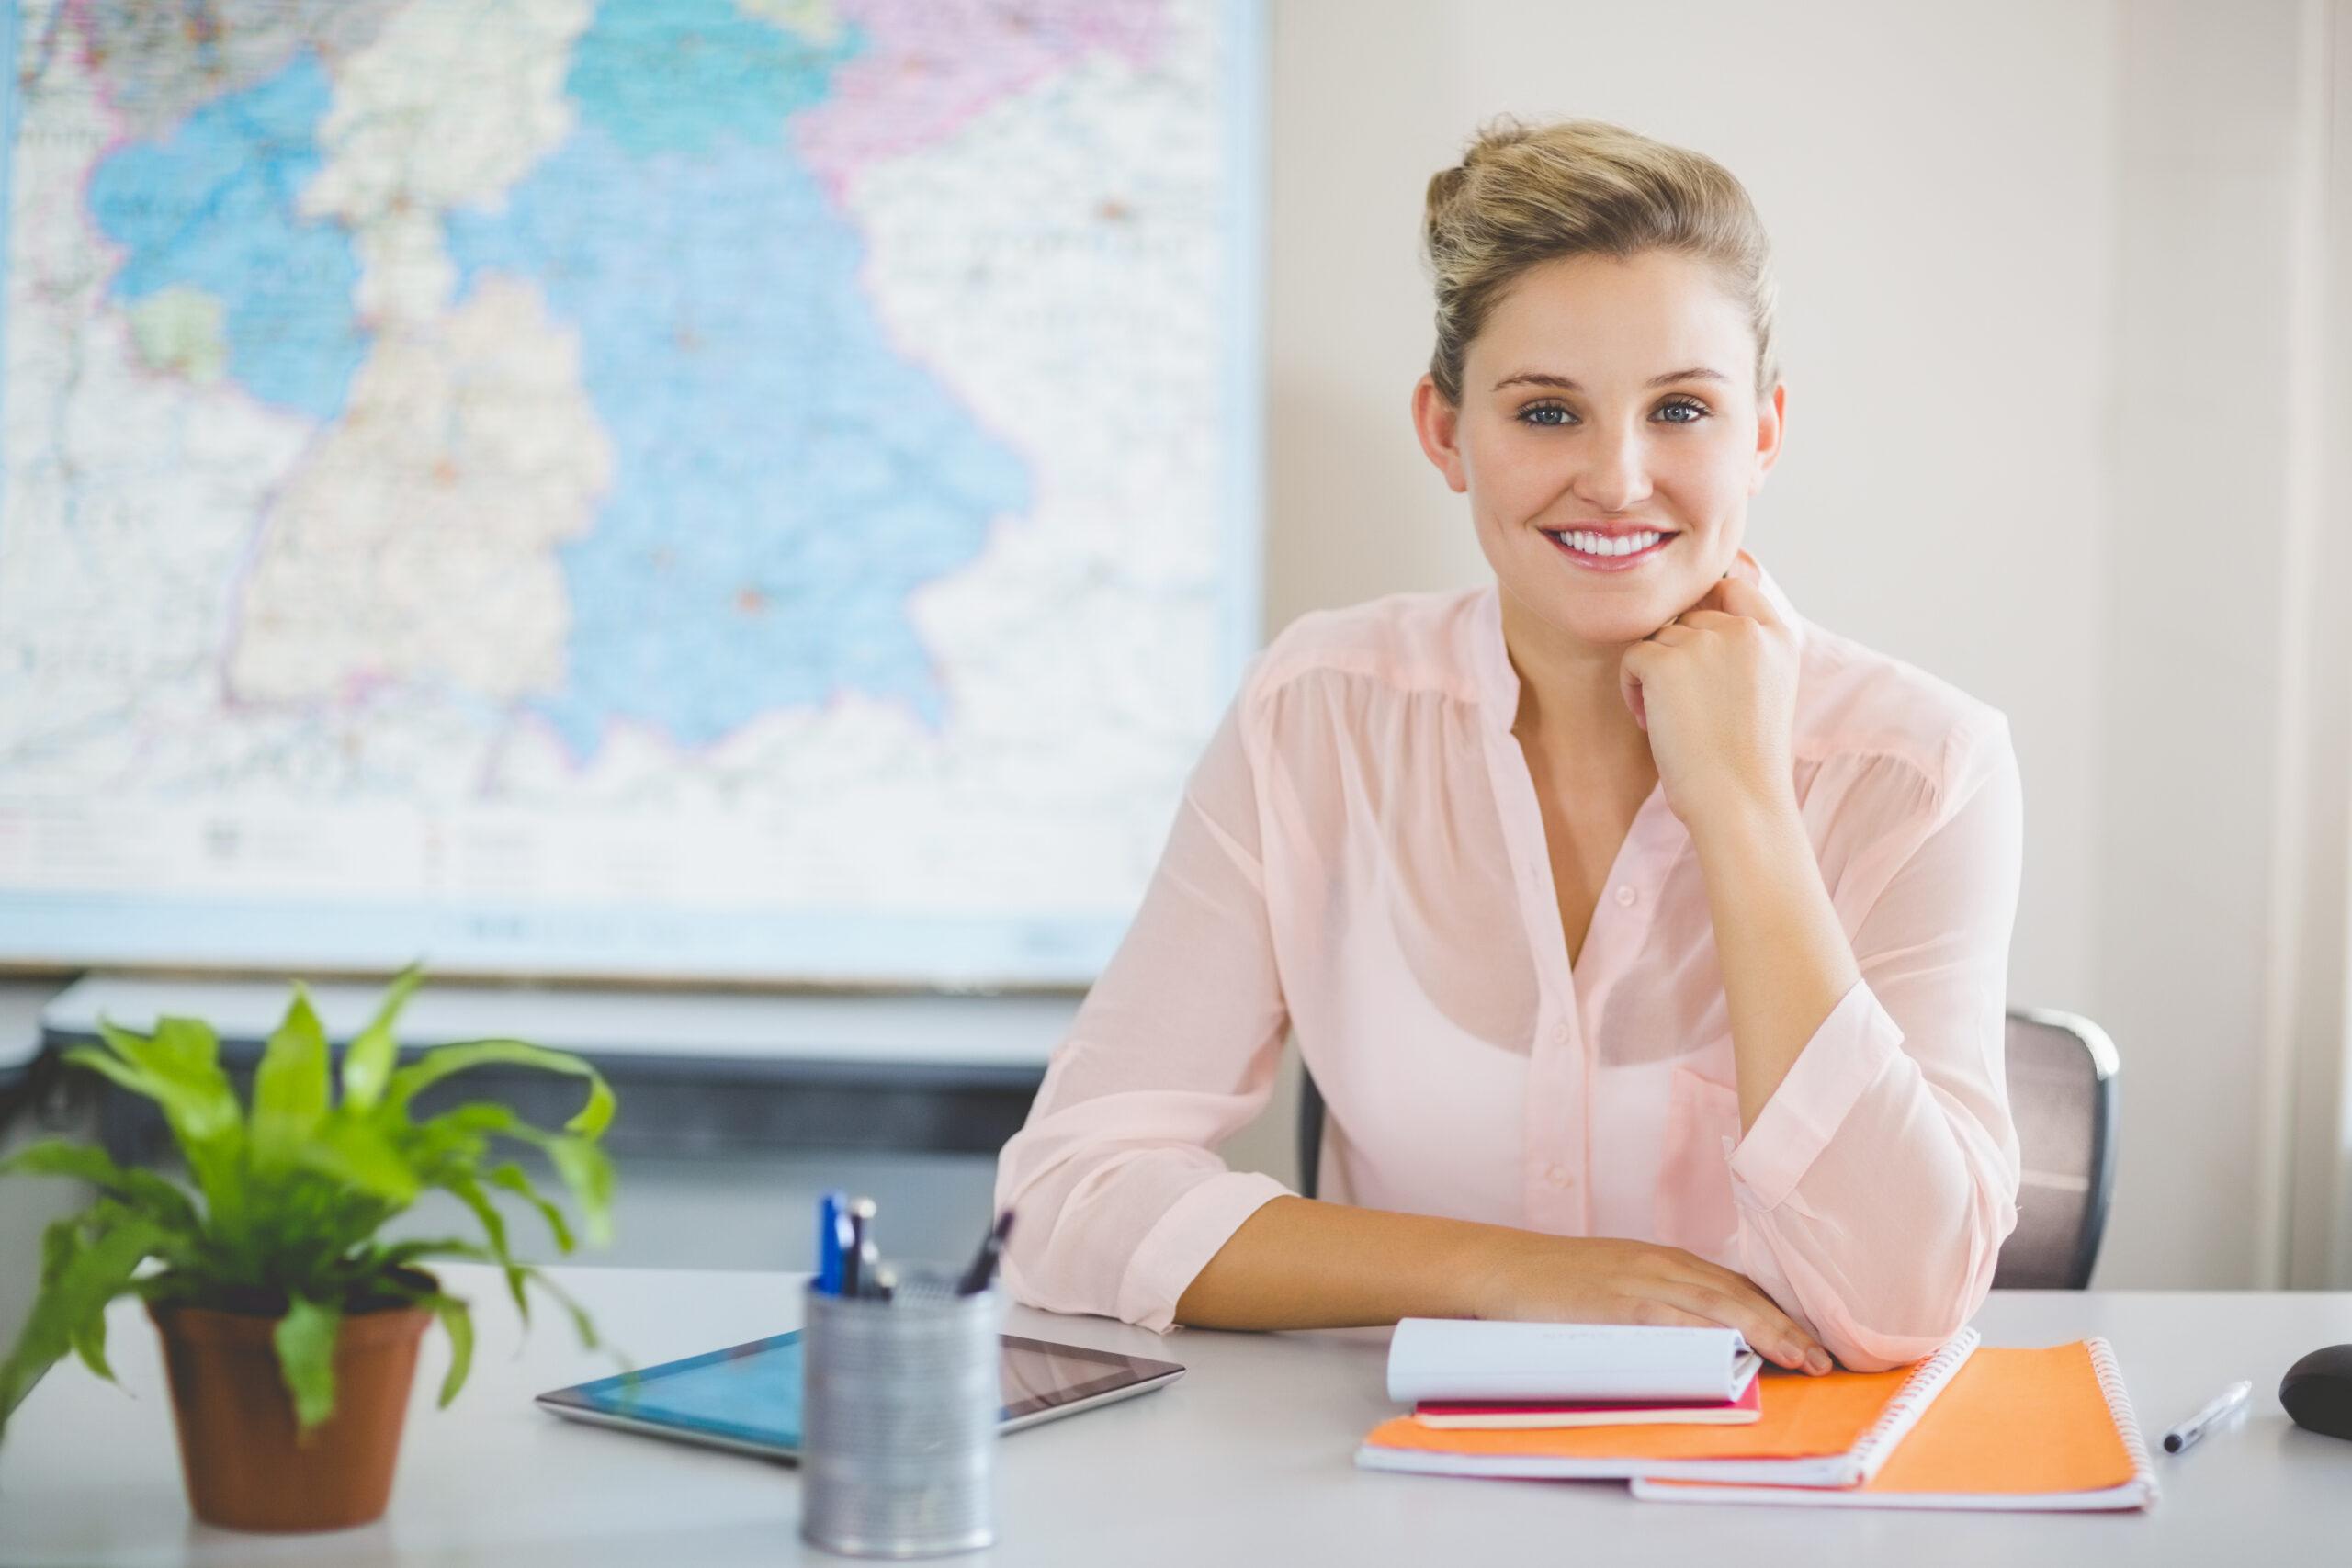 Szkolenie dla kandydatów nastanowisko dyrektora szkoły publicznej/szkoły  zuprawnieniami szkoły publicznej